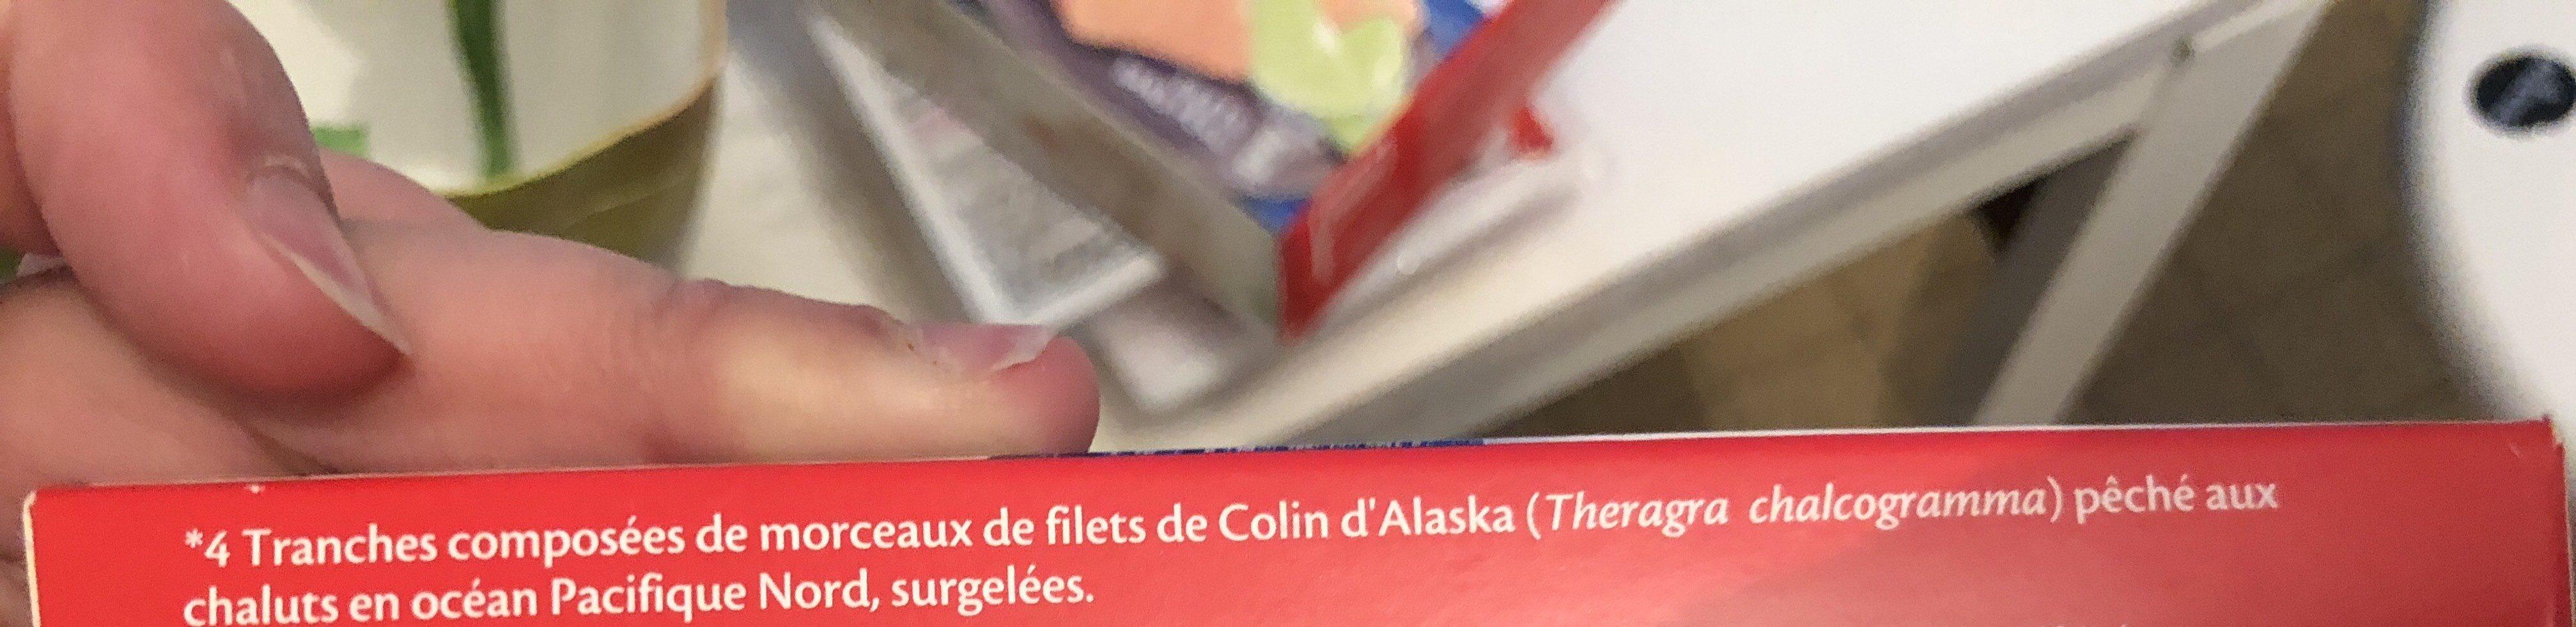 Tranches panées de Colin d'Alaska MSC - Ingrediënten - fr